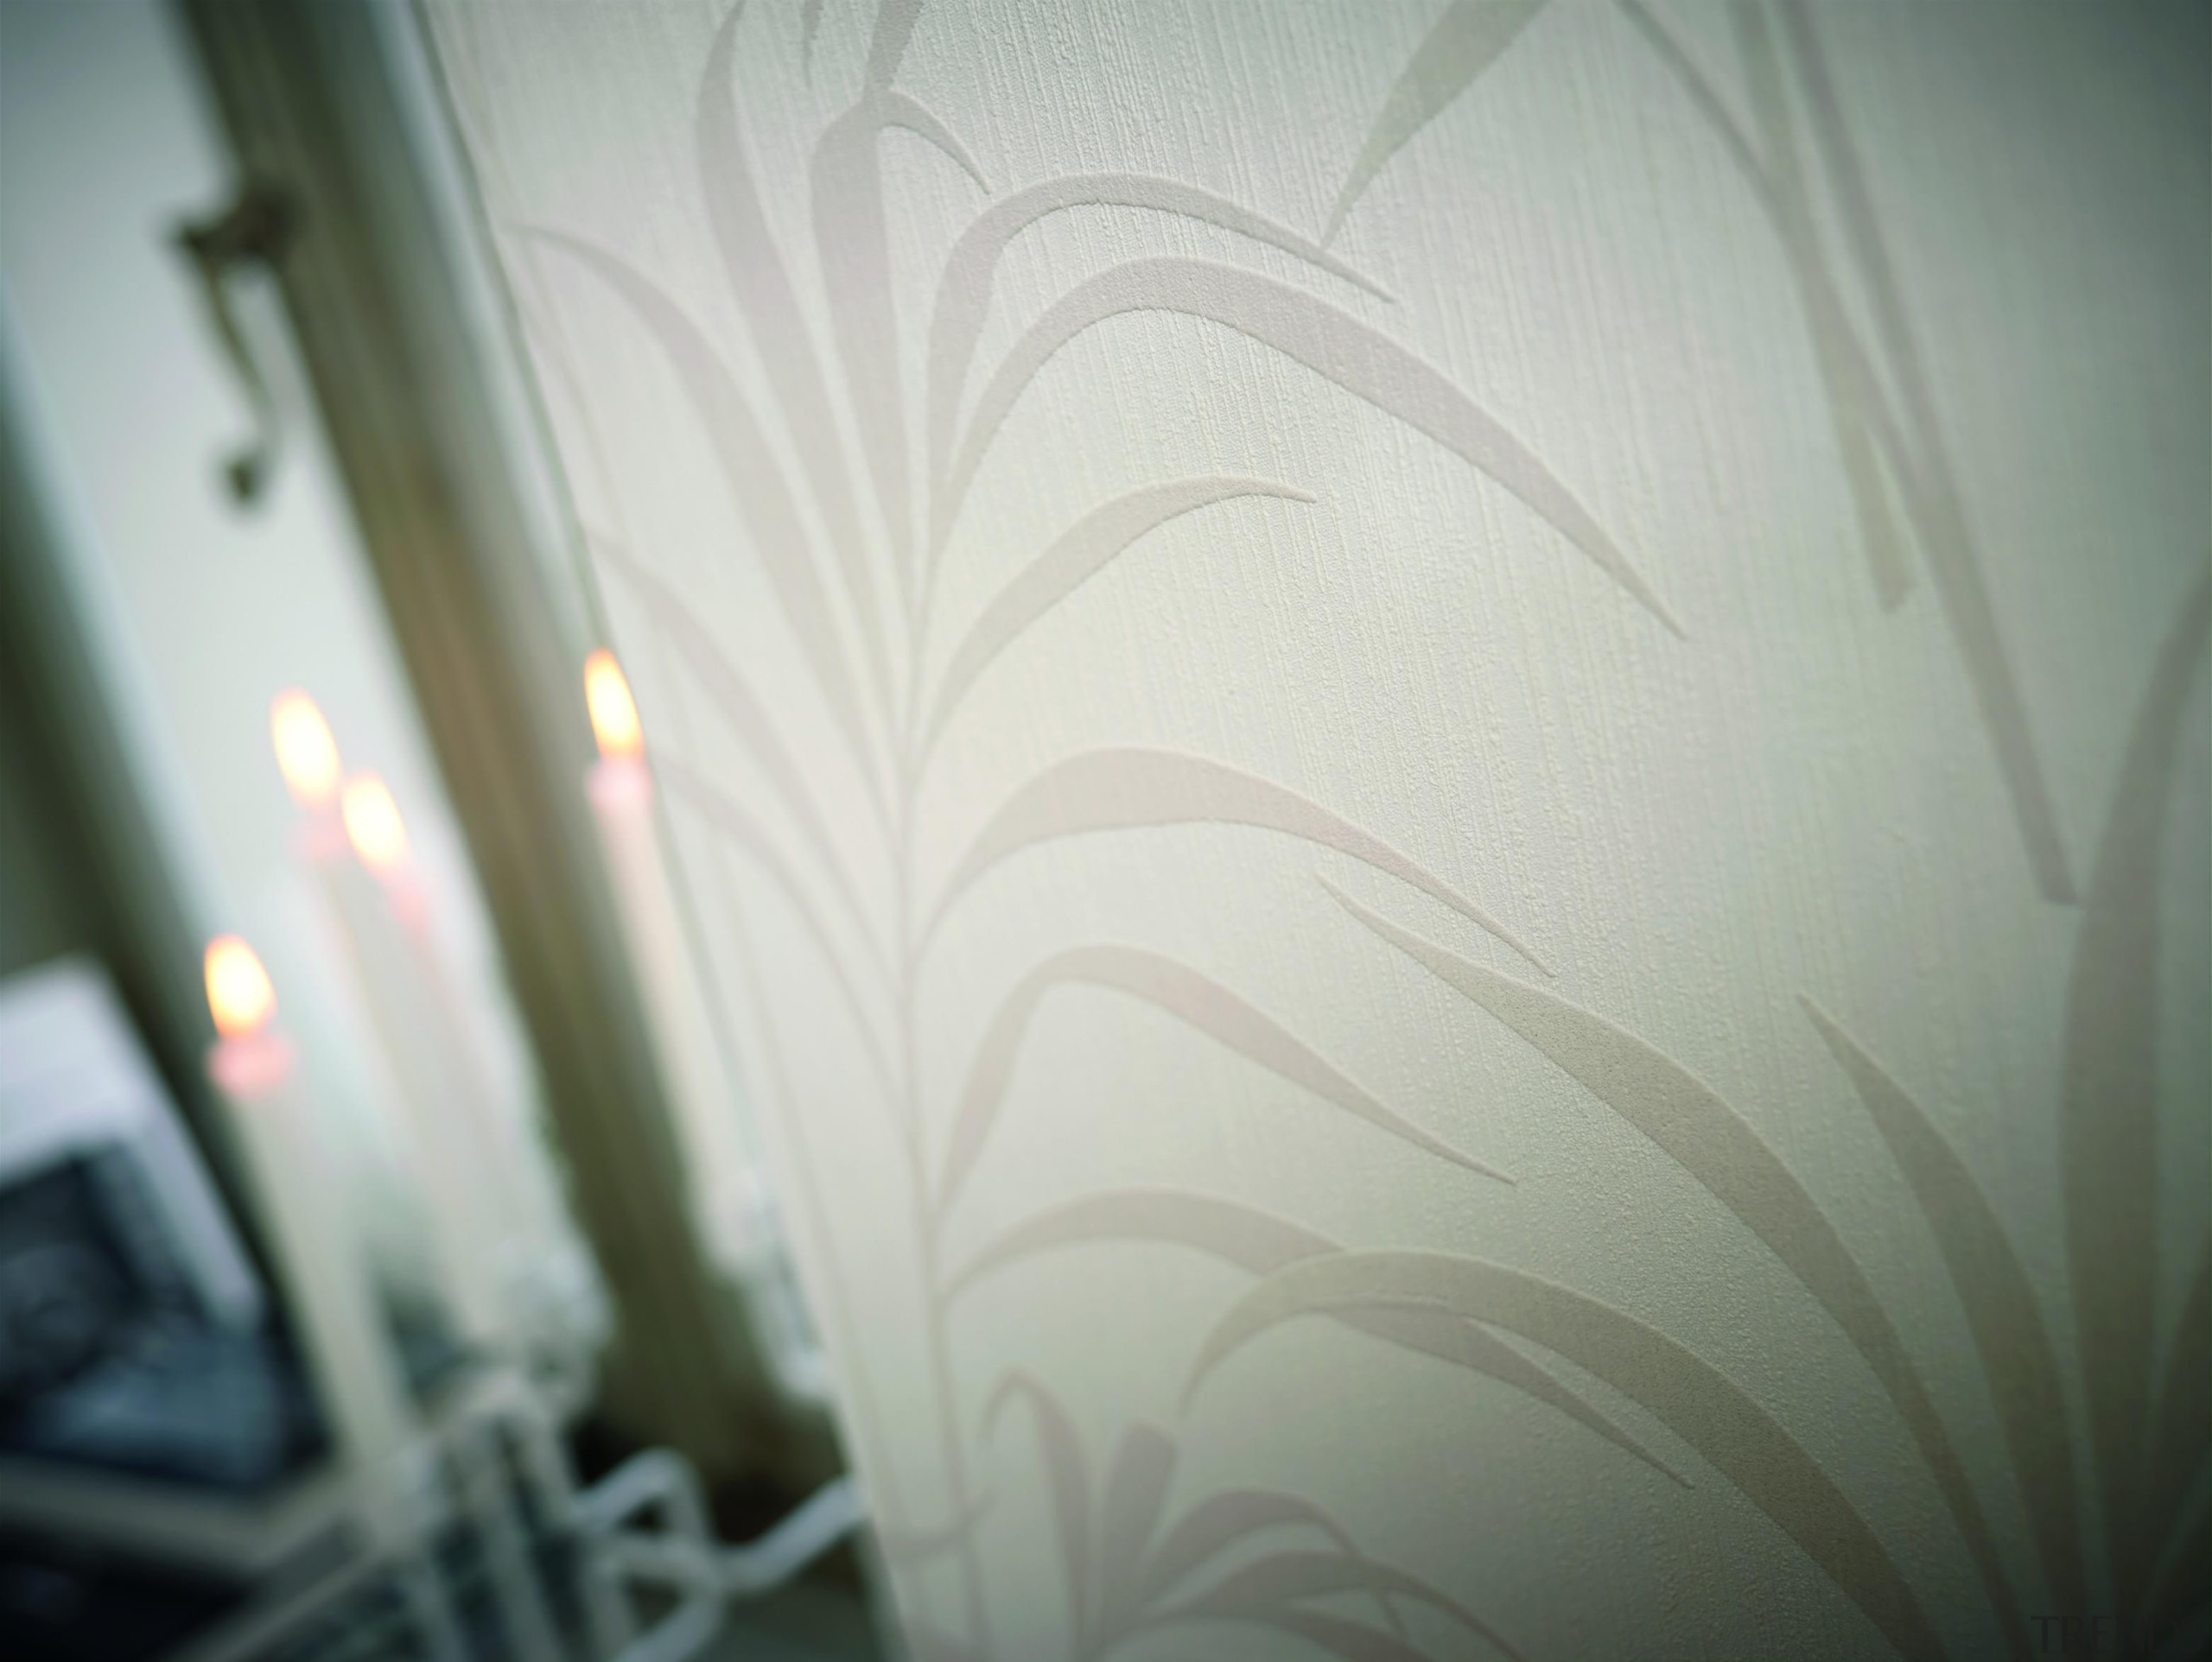 Elegance II Range - Elegance II Range - ceiling, design, light, snapshot, gray, white